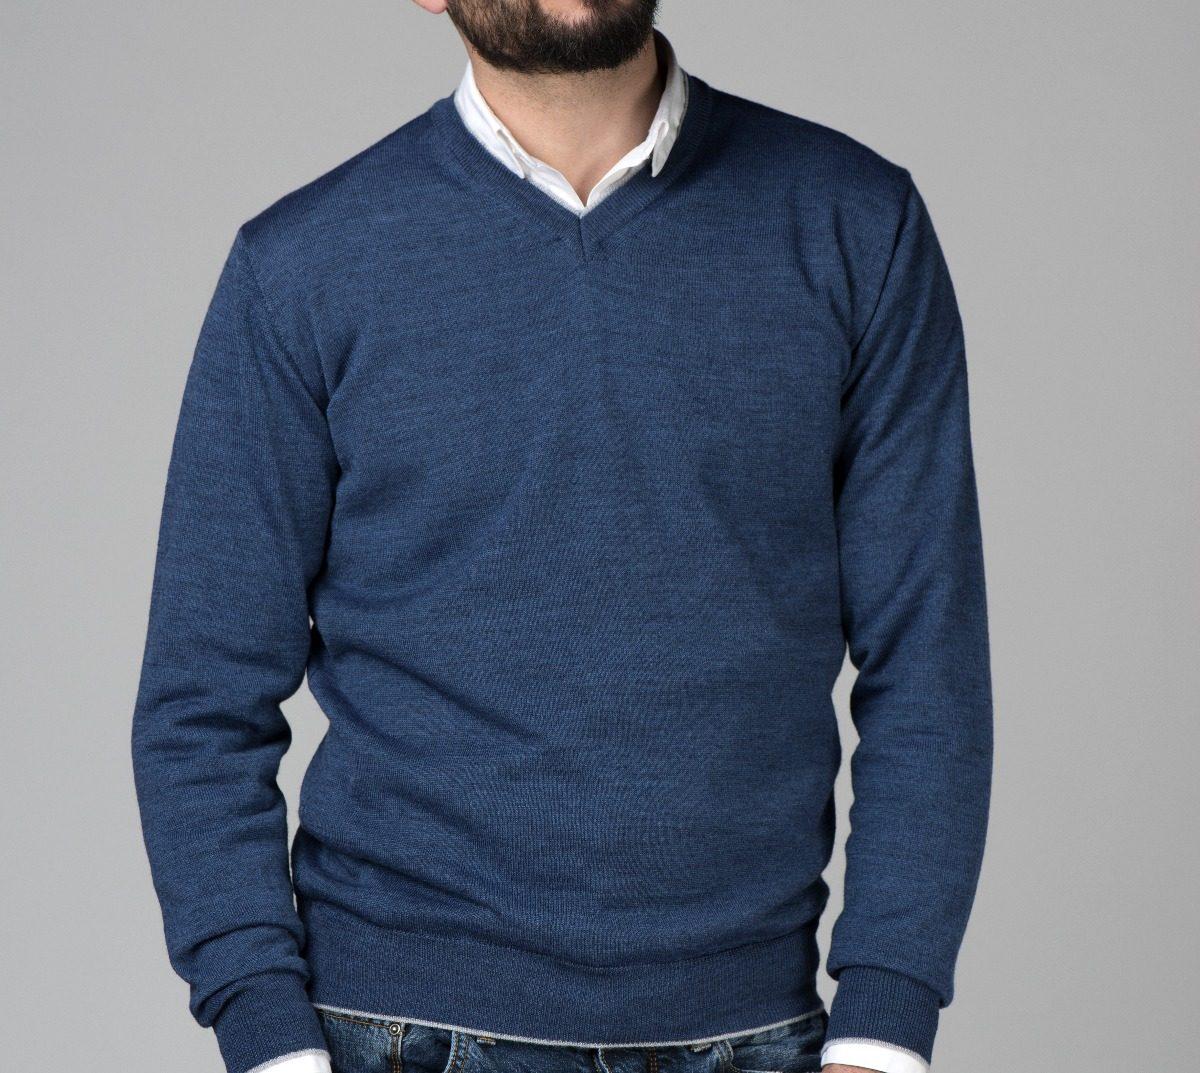 169efbec31 sueter masculino gola v tam. variados blusa italiana malha. Carregando zoom.